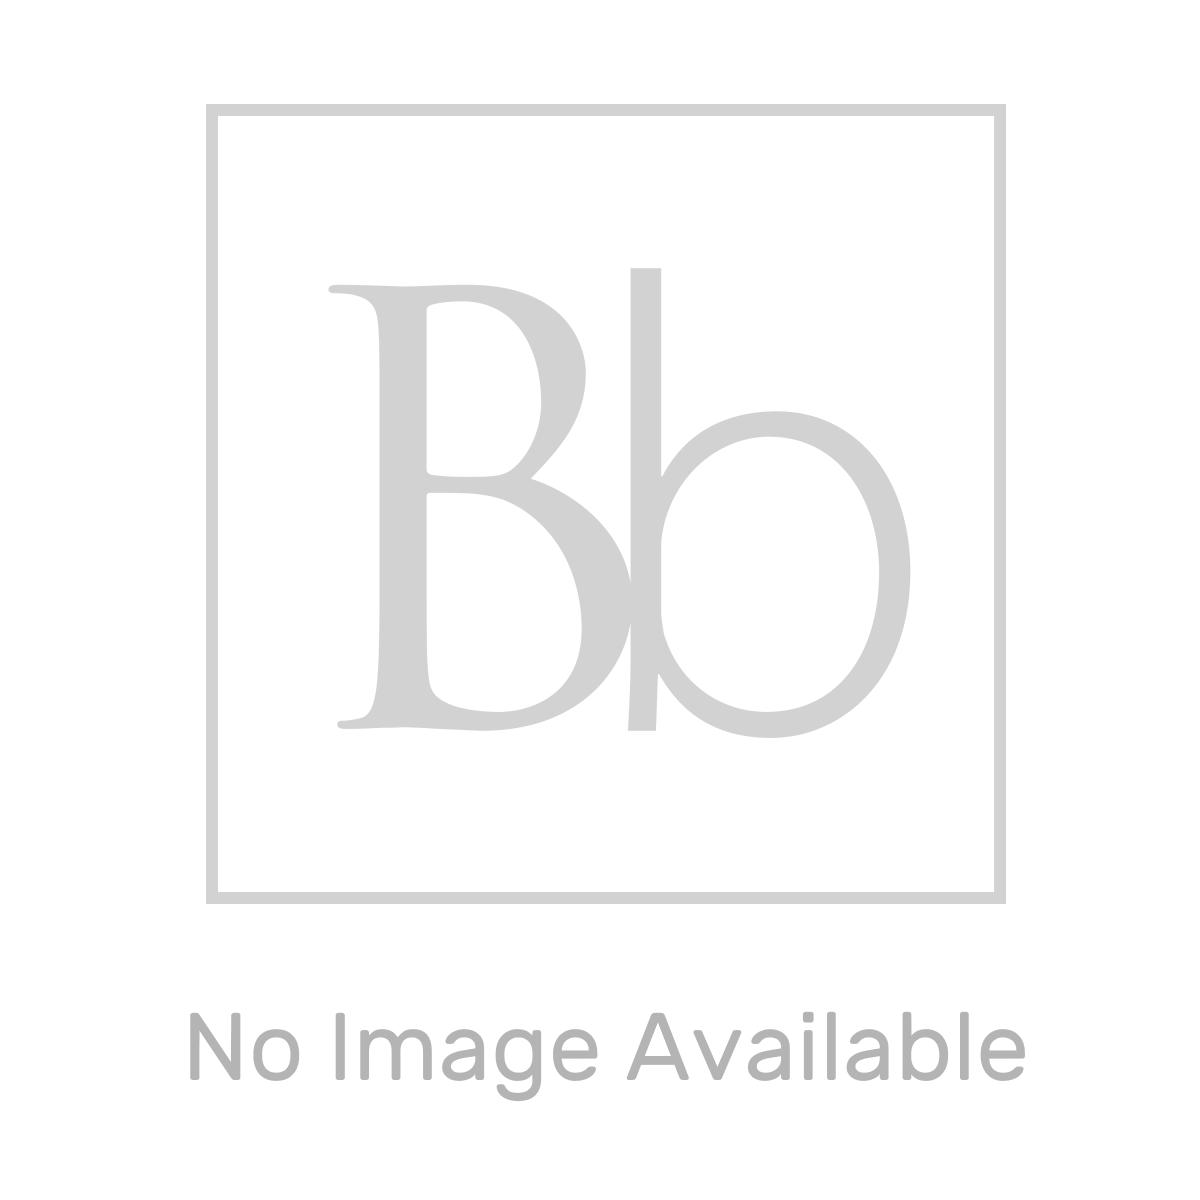 RAK Series 600 En-Suite Bathroom with Pacific Pivot Door Shower Enclosure Recess